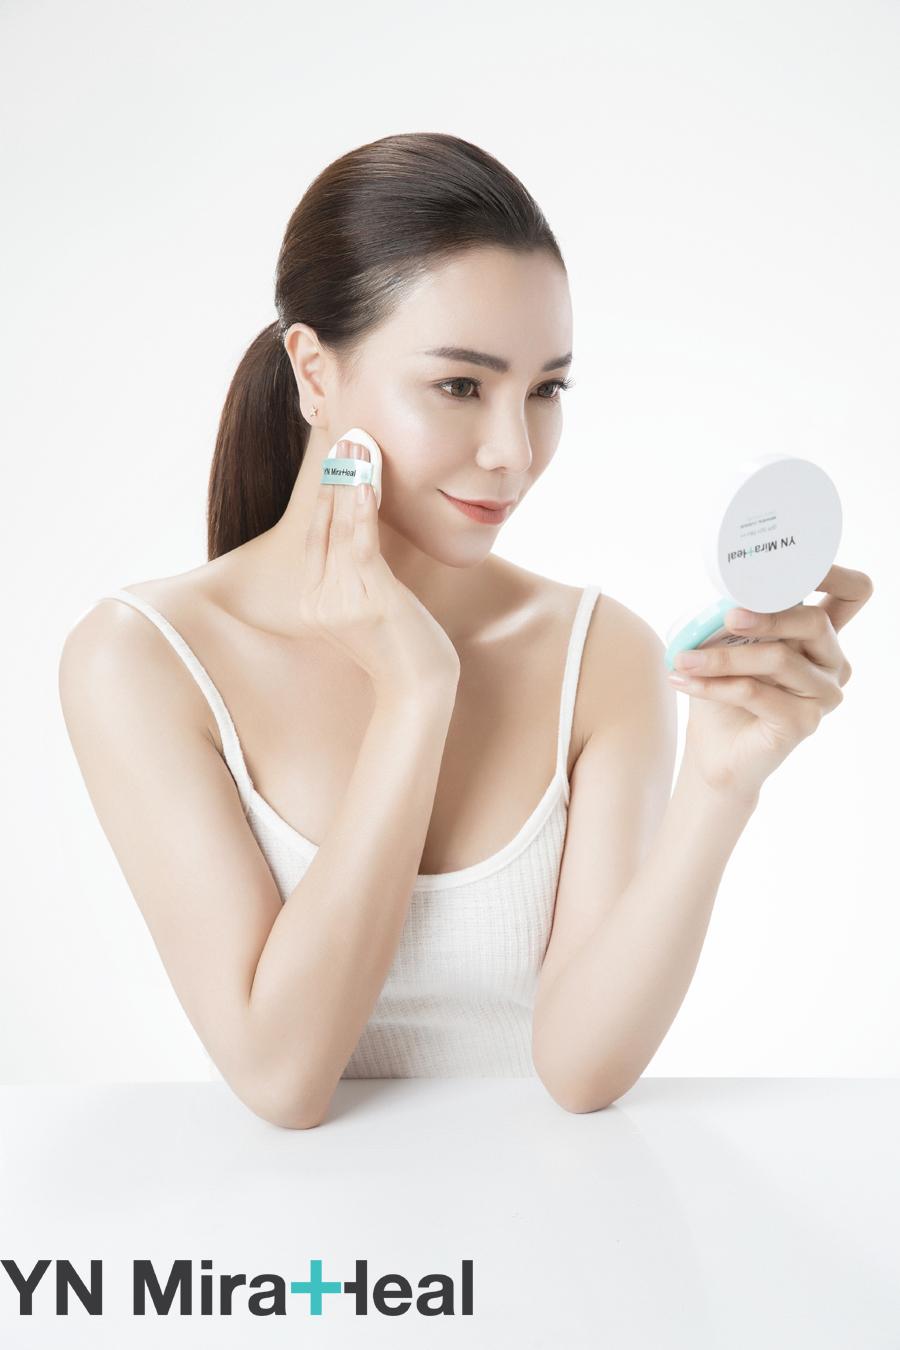 Chiết xuất thiên nhiên dưỡng trắng da và ngăn ngừa lão hóa hiệu quả